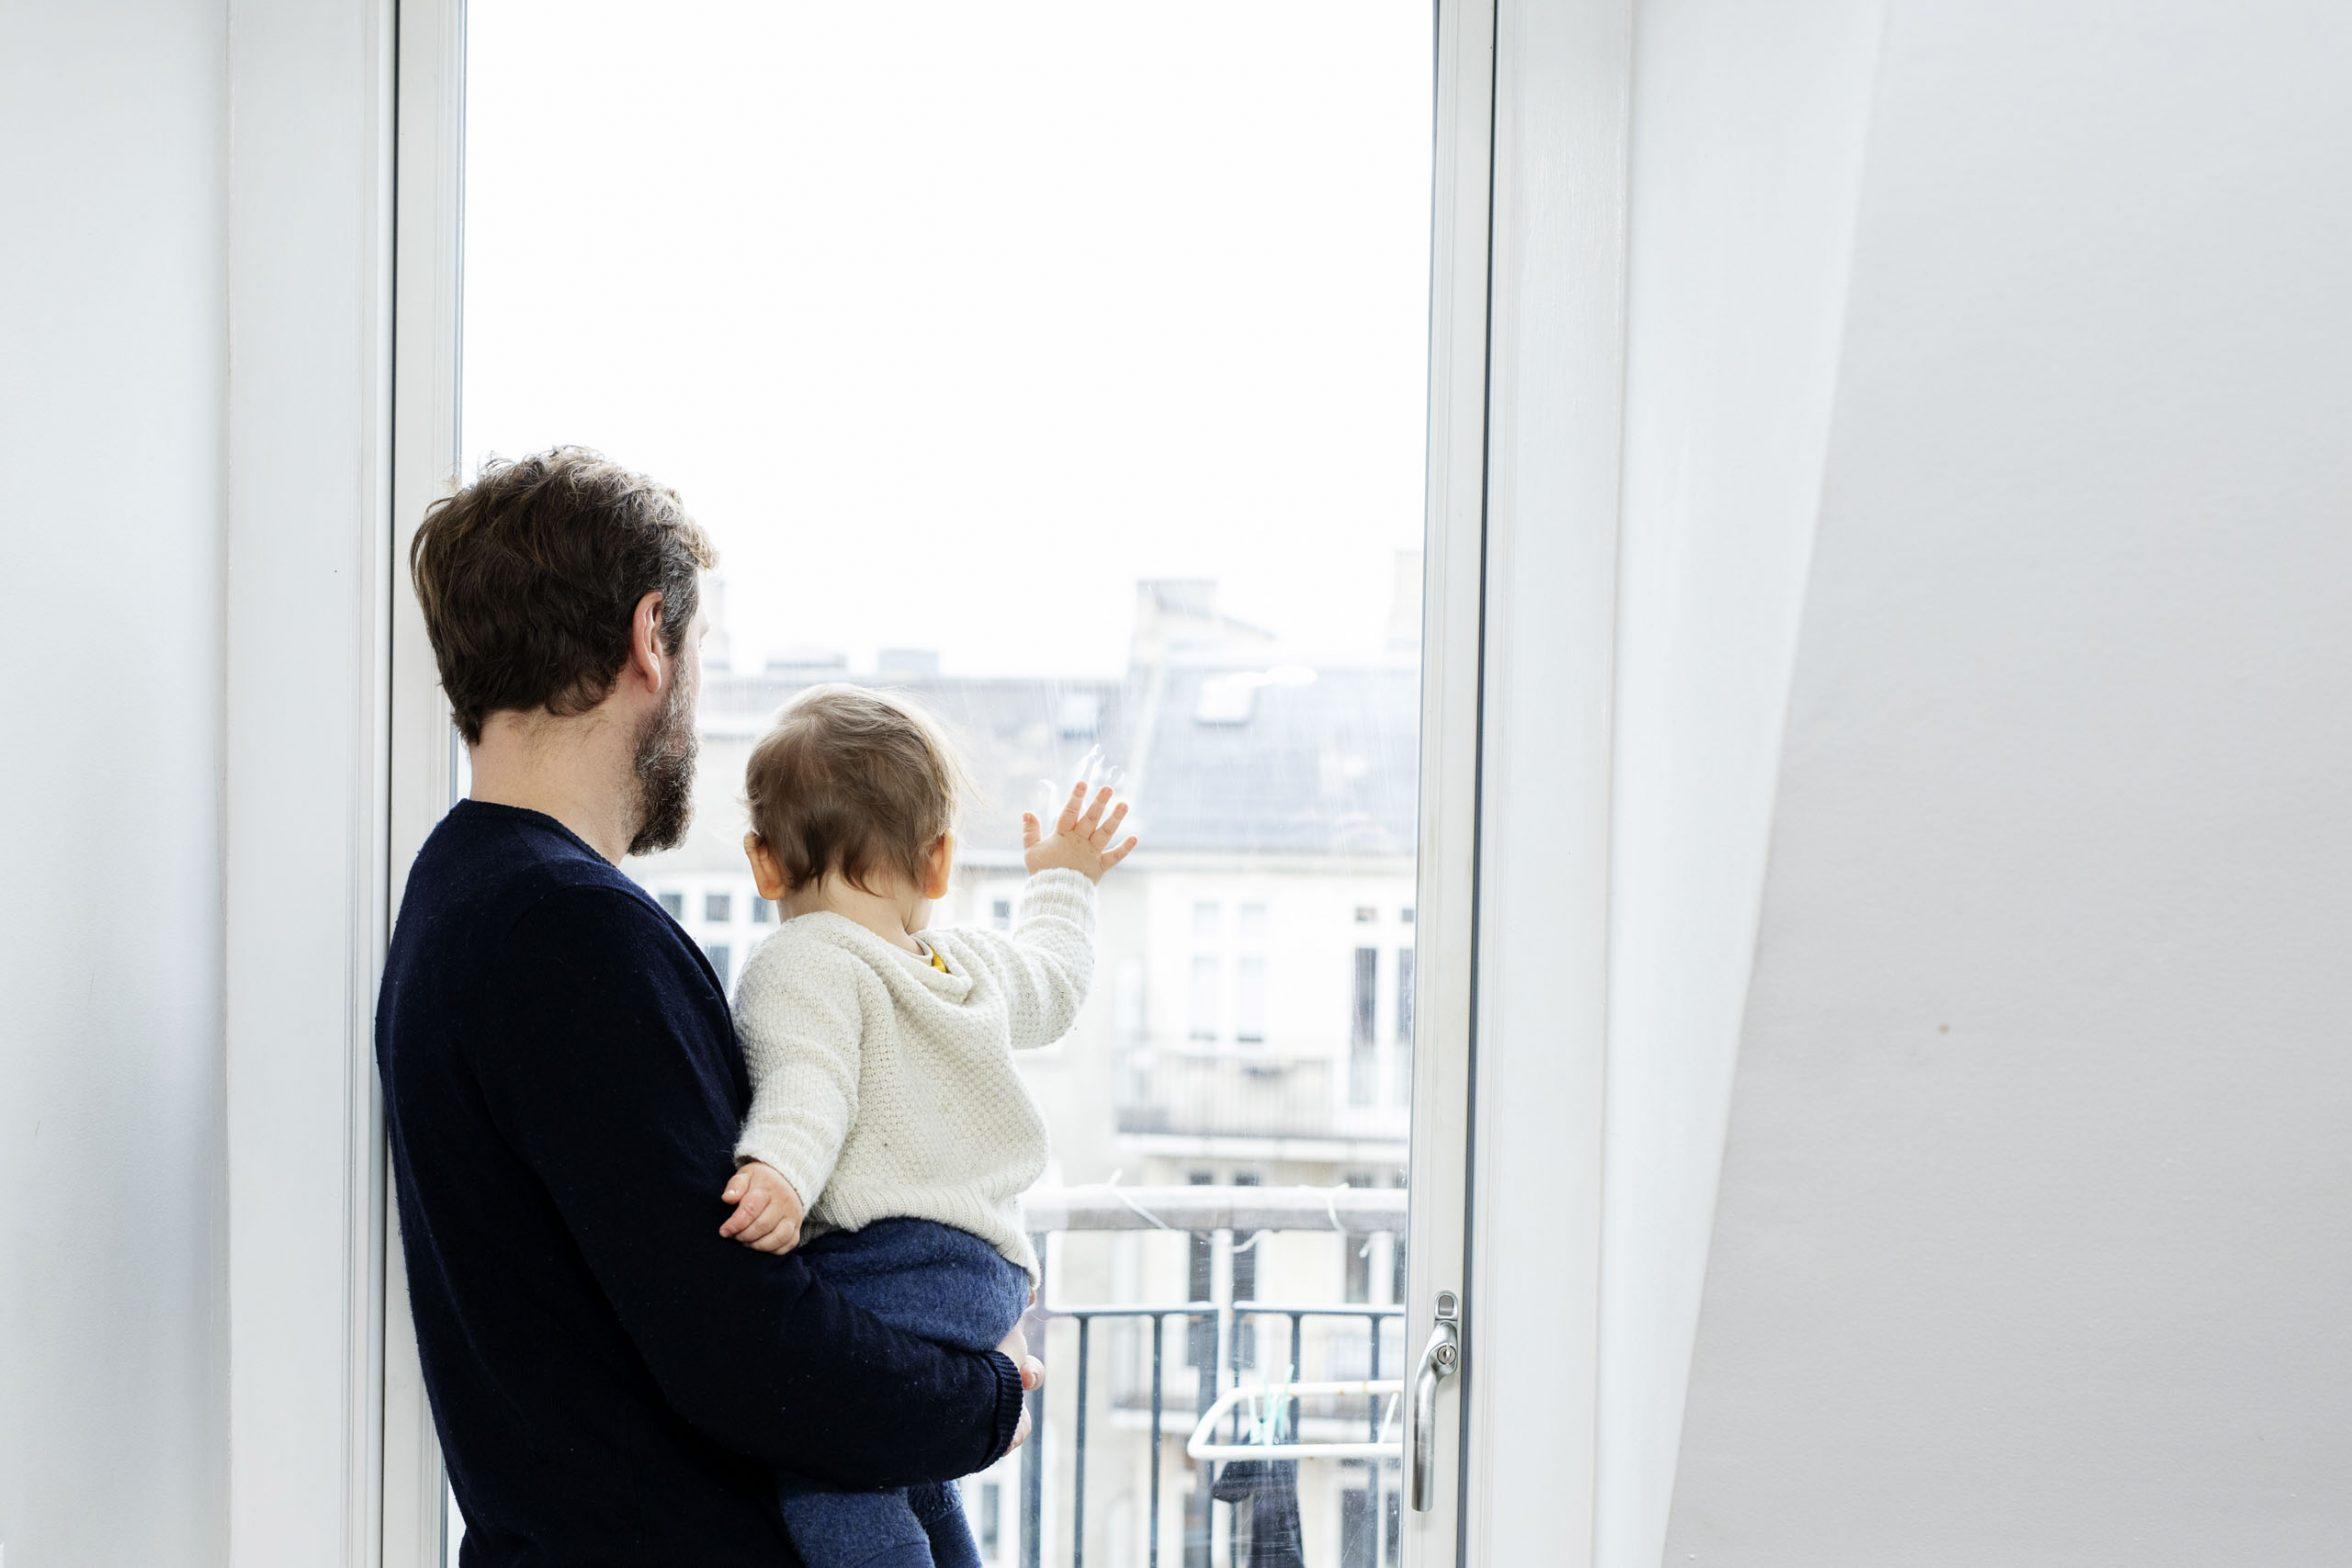 Far og barn kigger ud af vinduet. Foto: Rie Neuchs